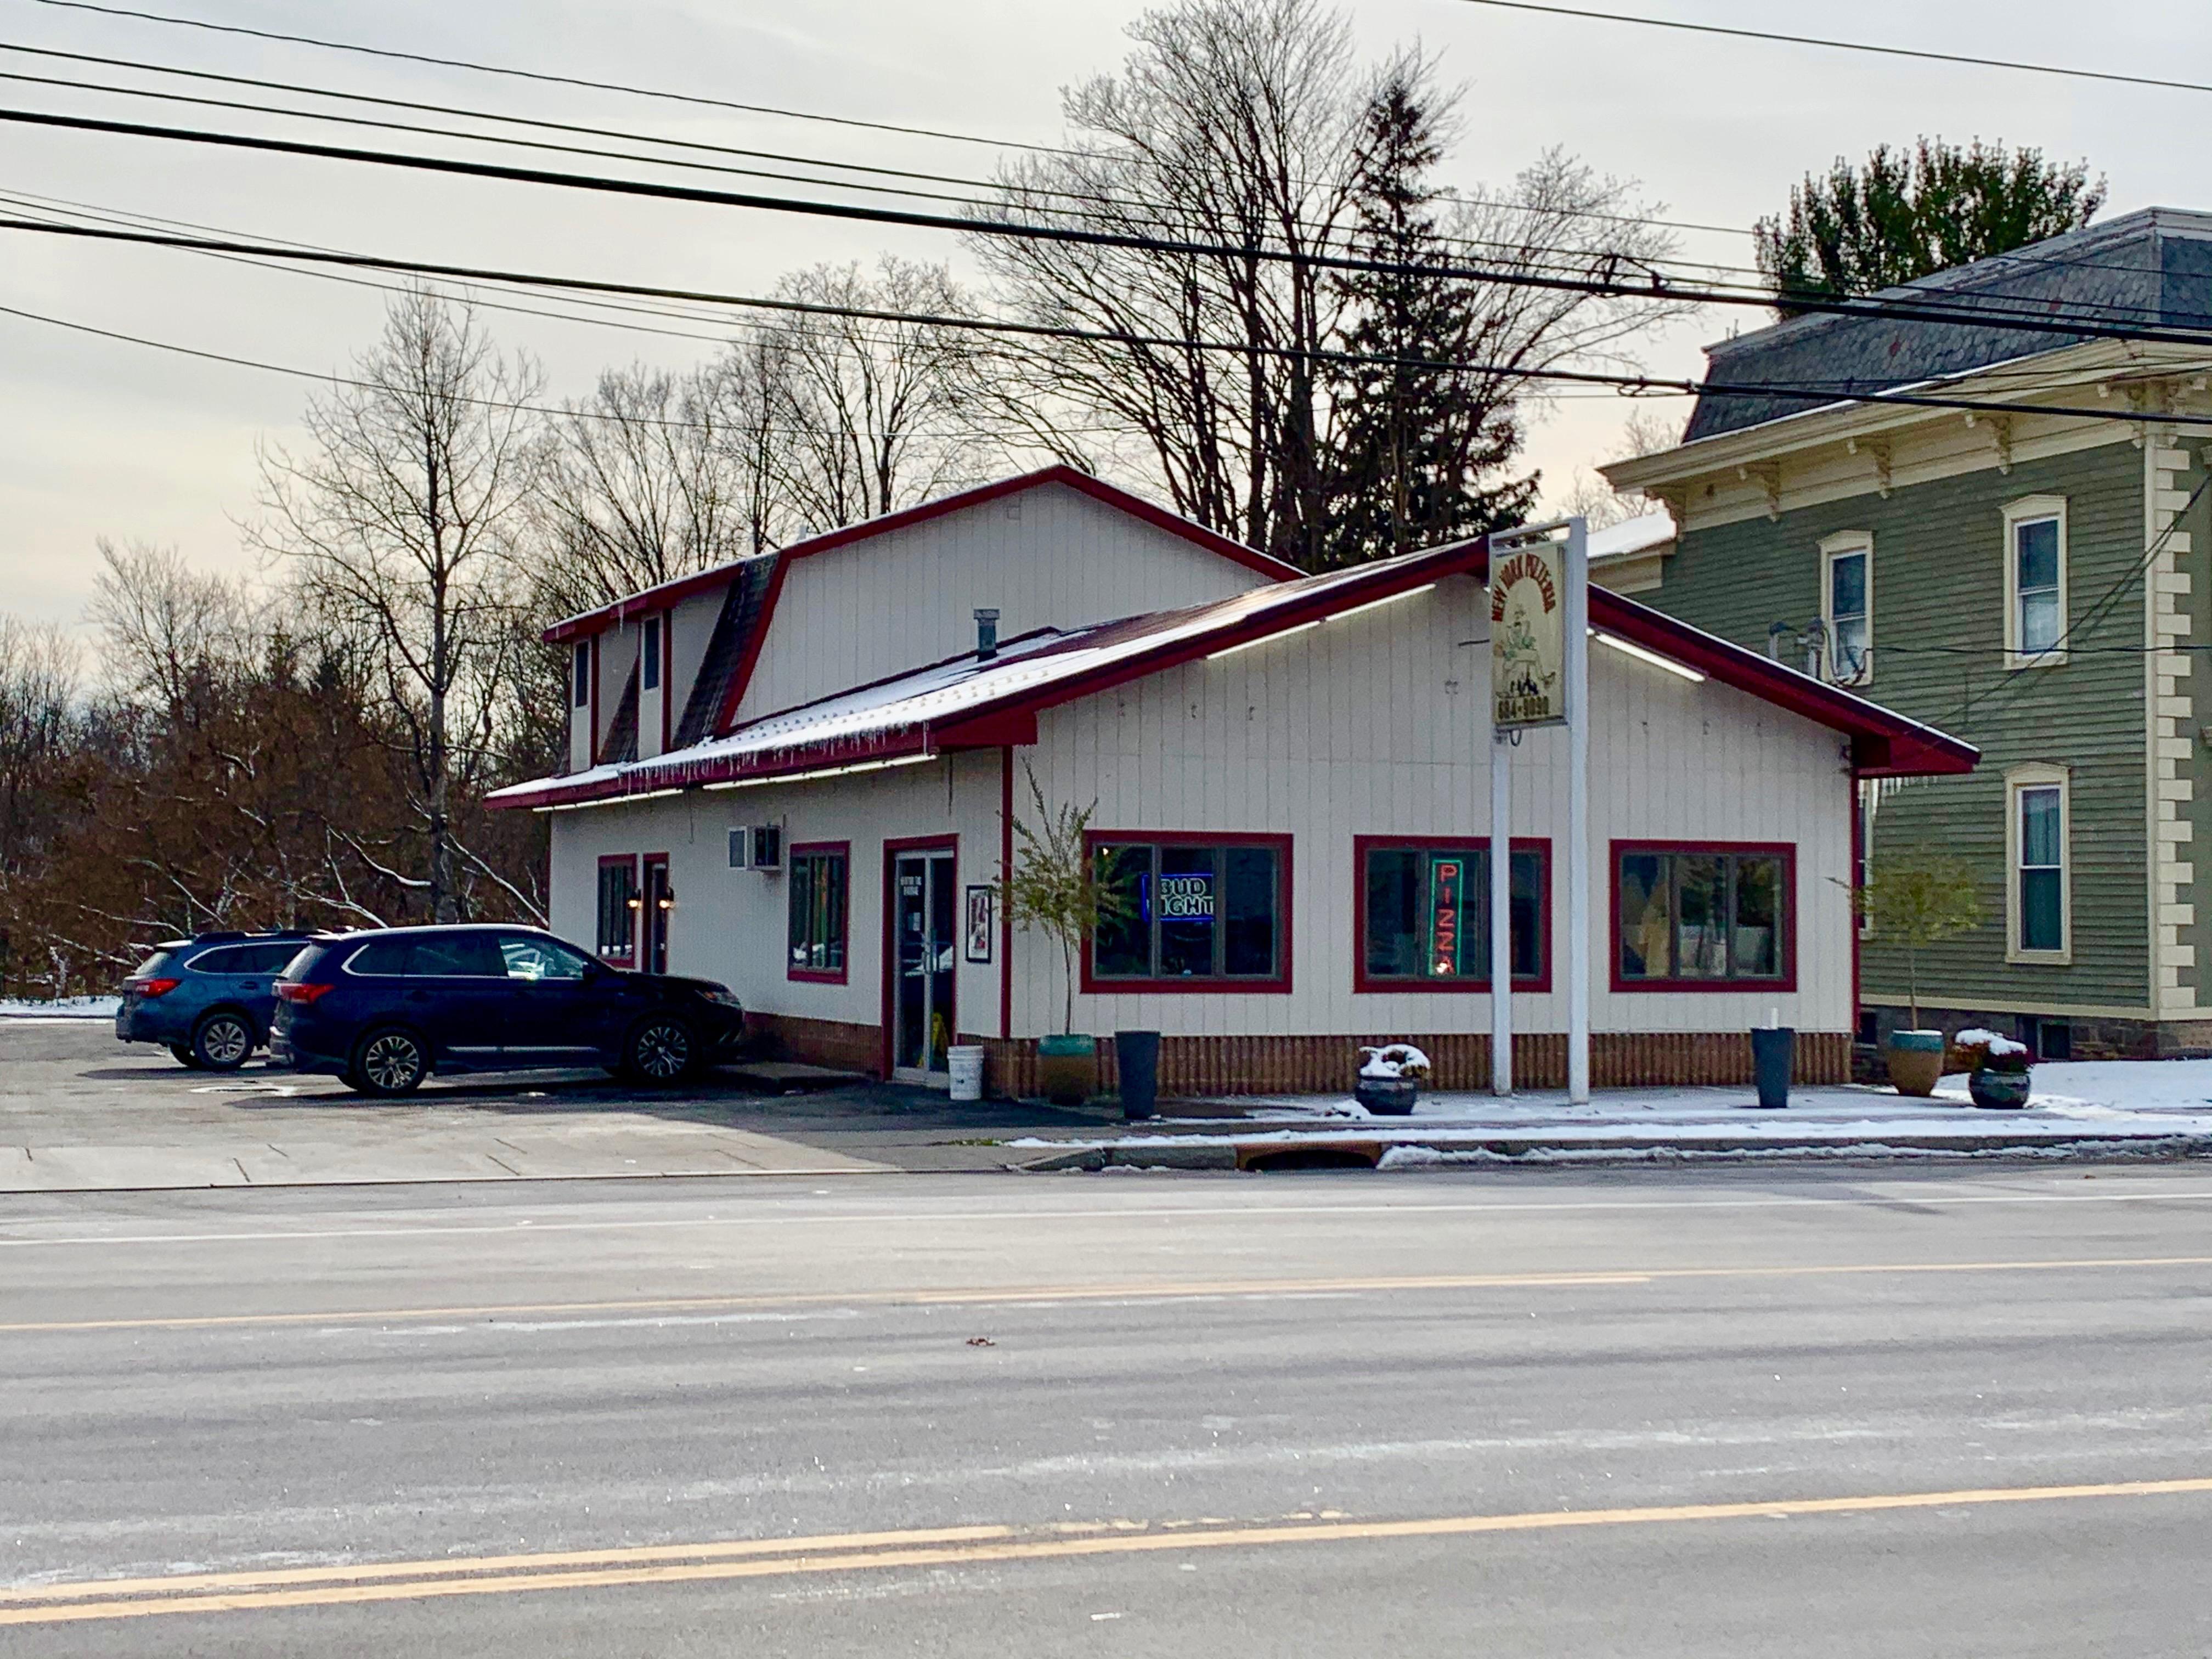 28 East Main Street, Morrisville, New York